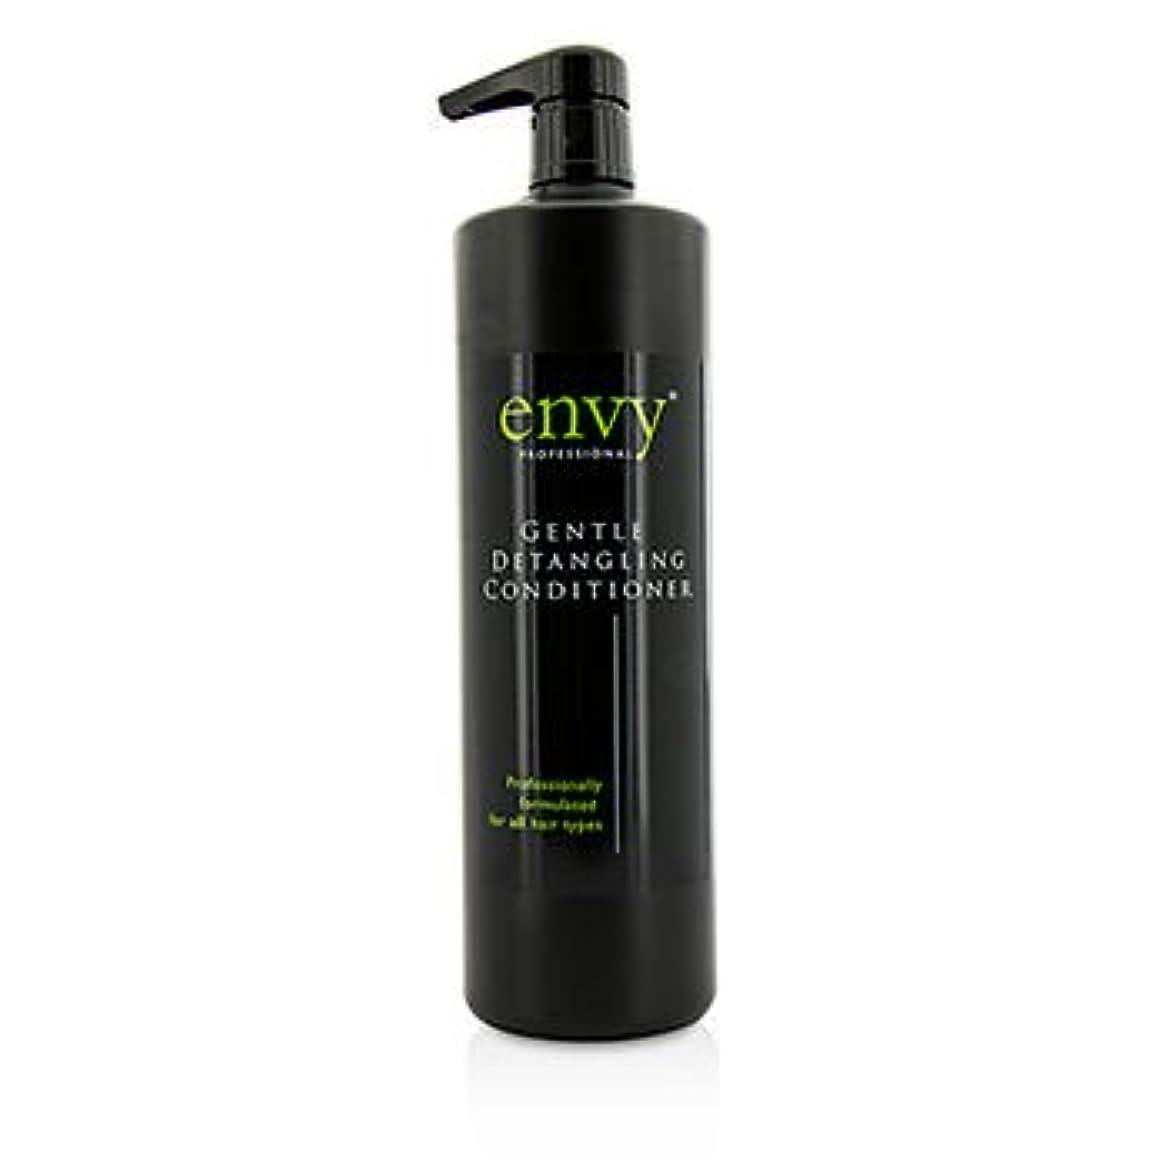 オデュッセウス二層女将[Envy] Professional Gentle Detangling Conditioner (For All Hair Types) 950ml/32.12oz